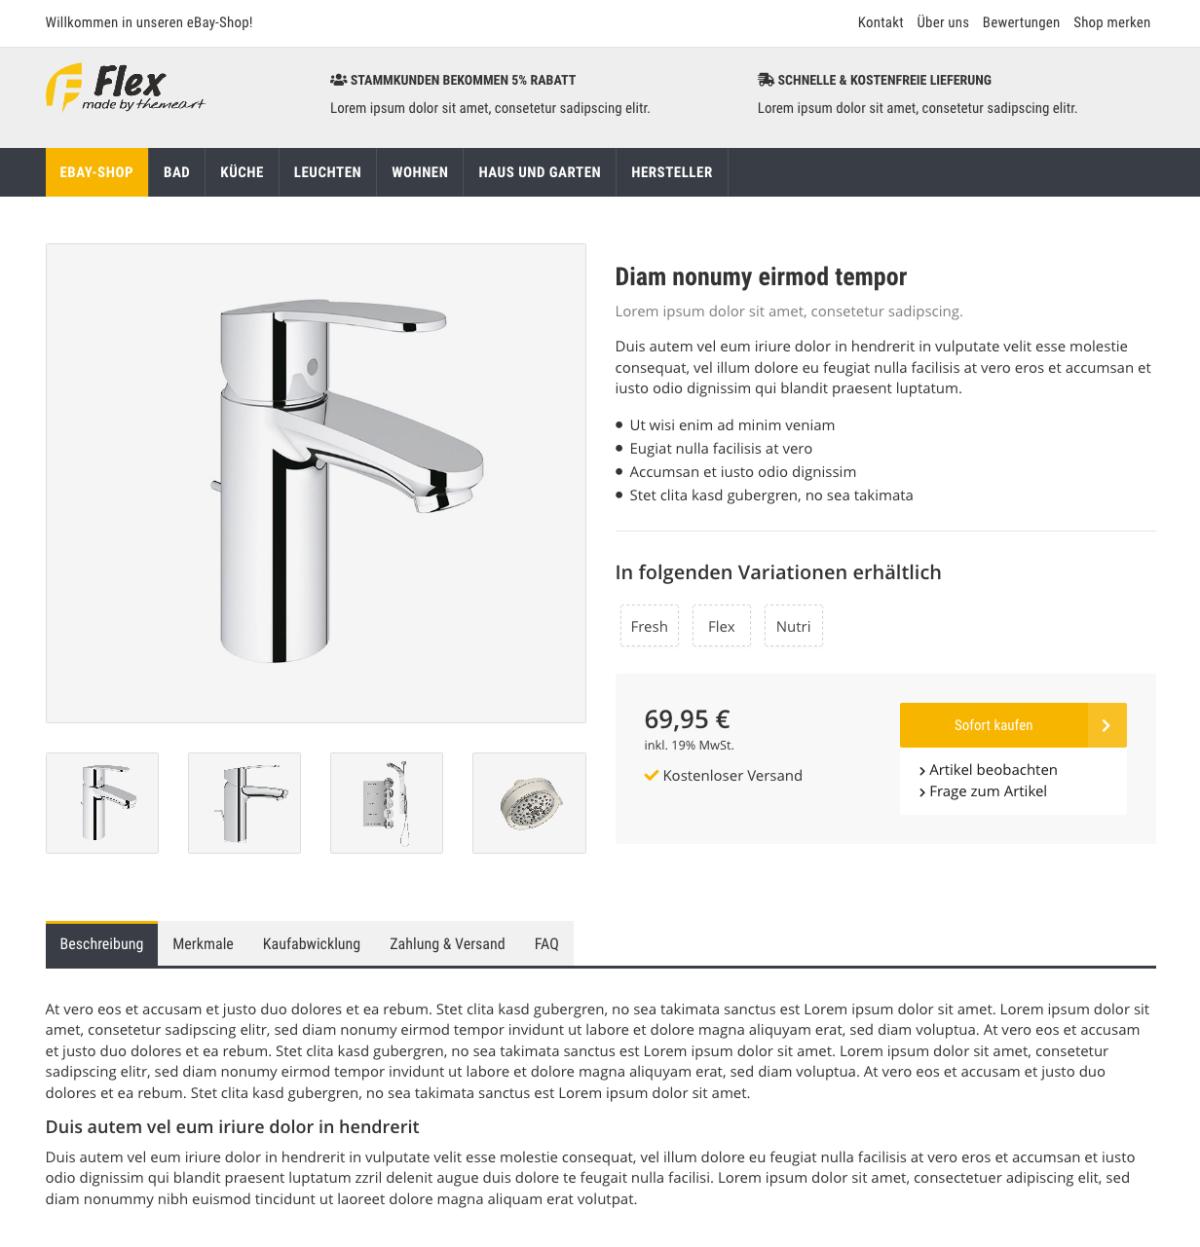 Flex - eBay Vorlage